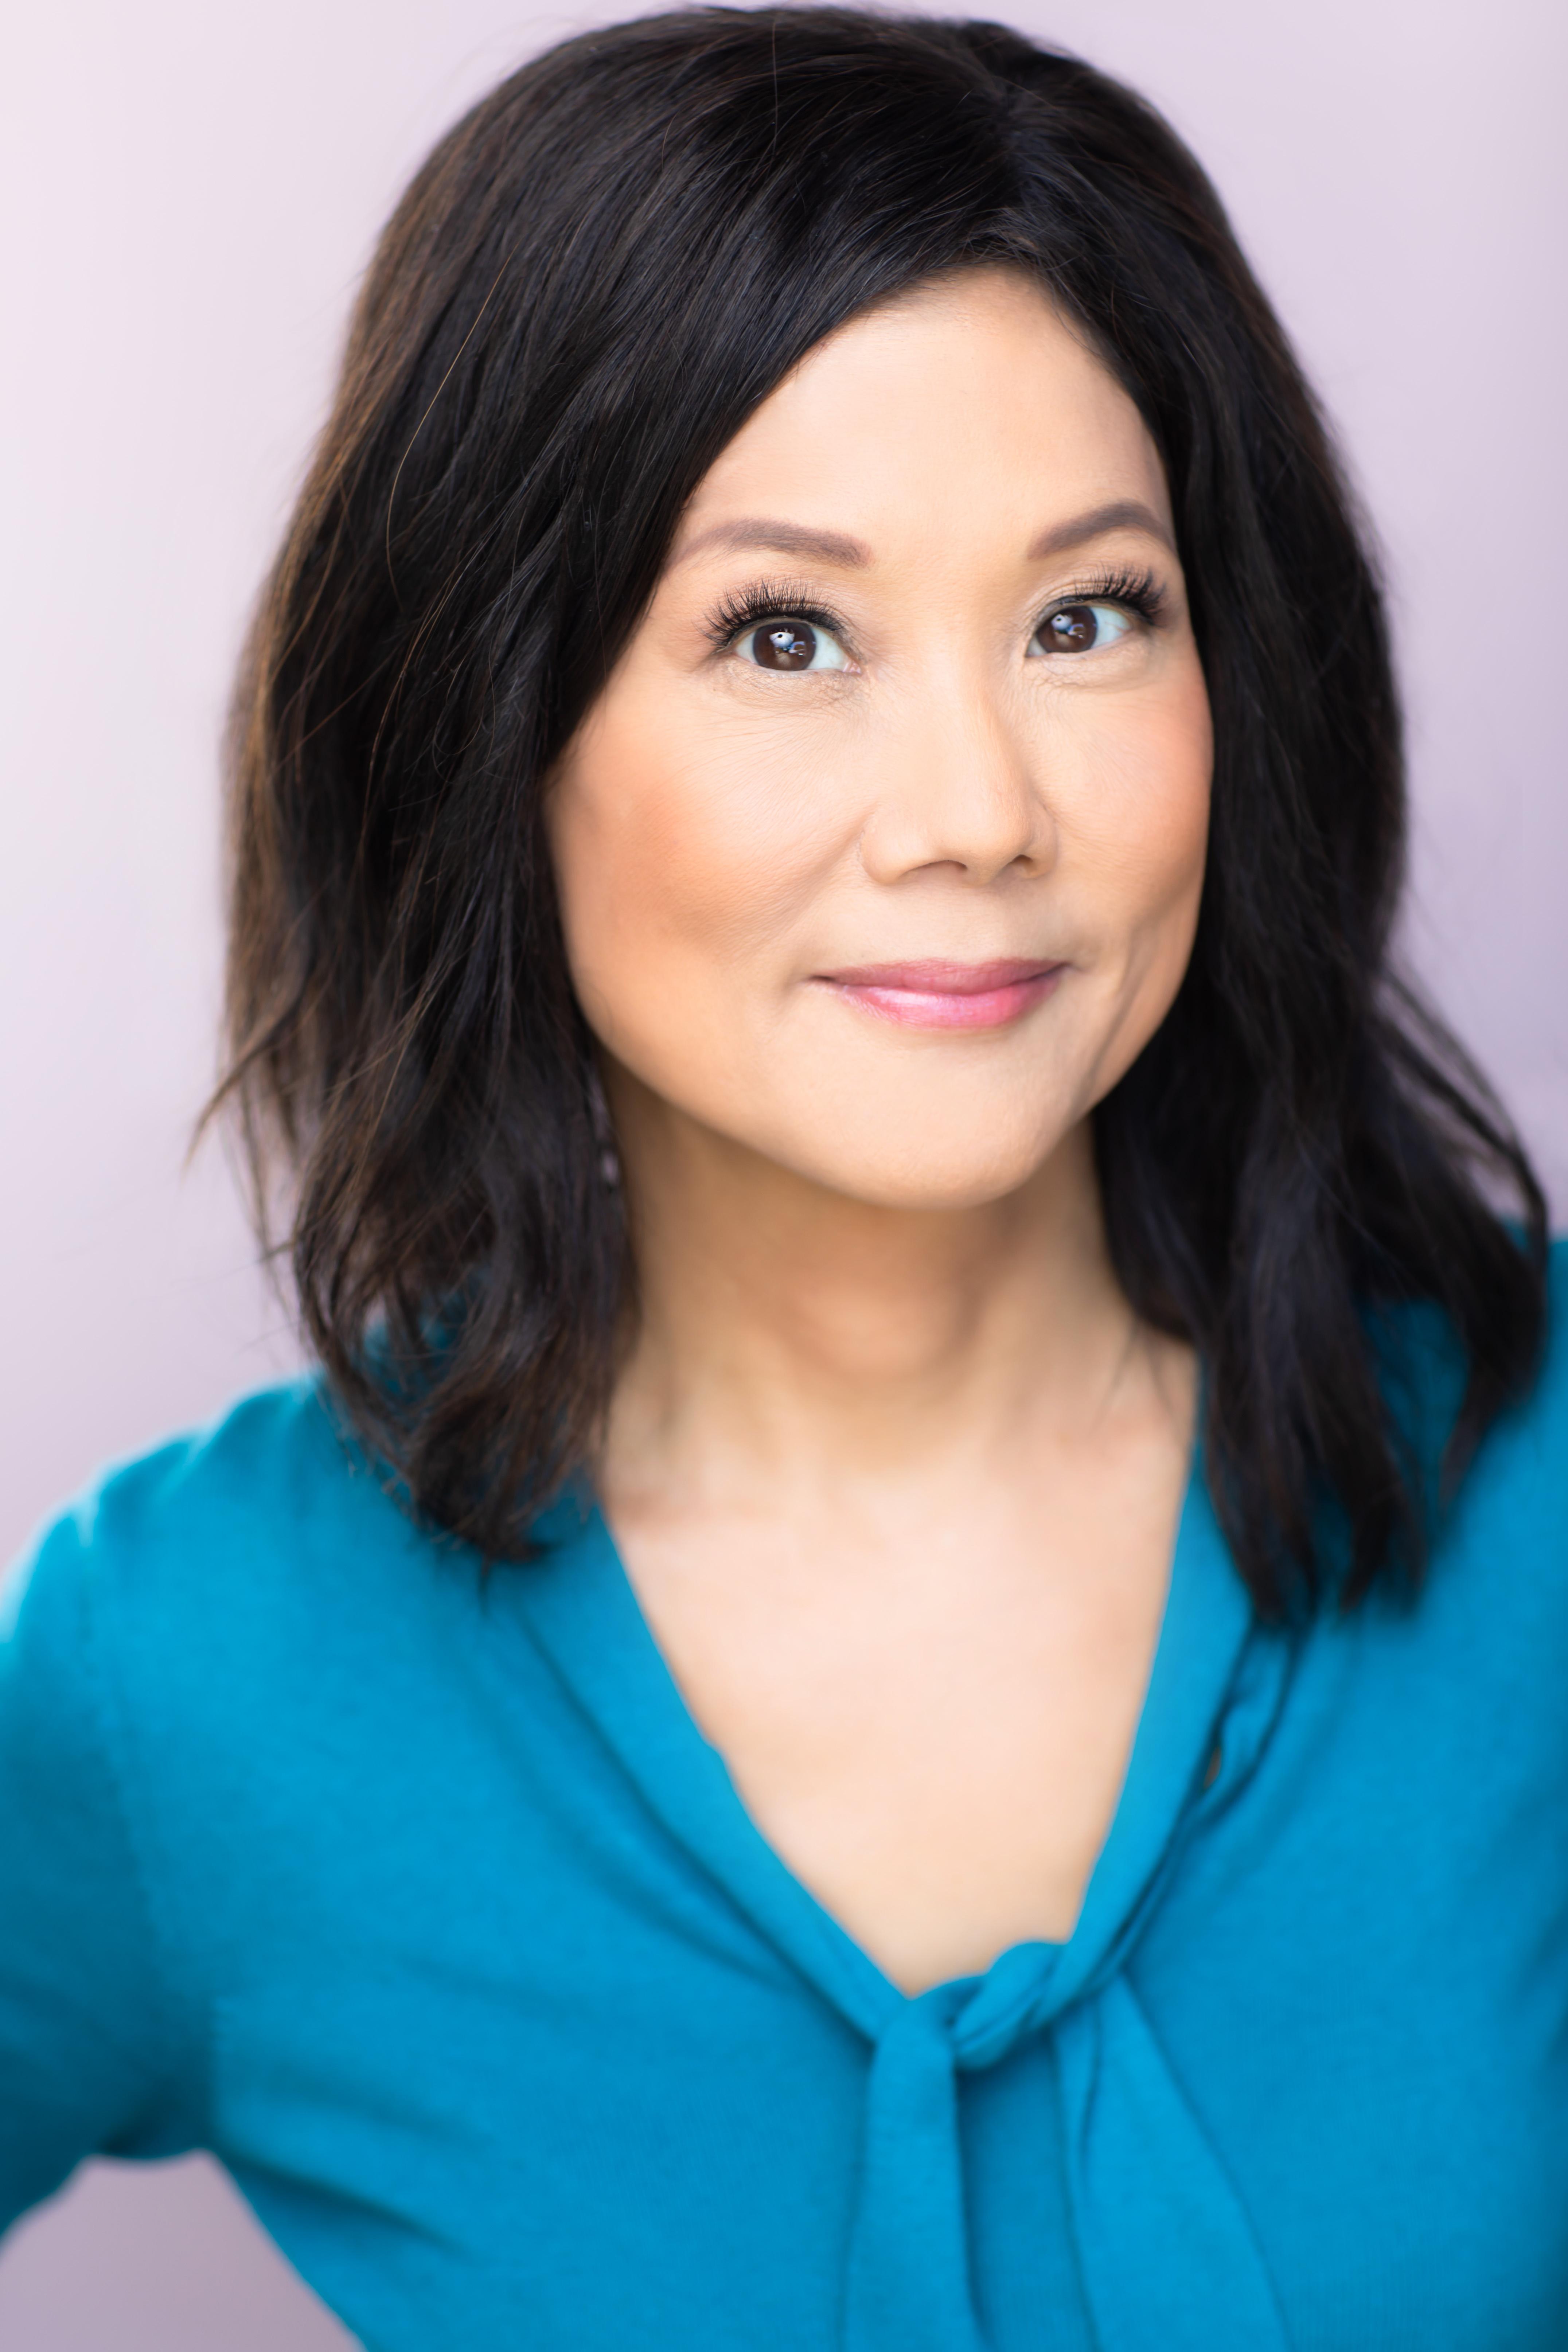 Noreen Lee Imdb